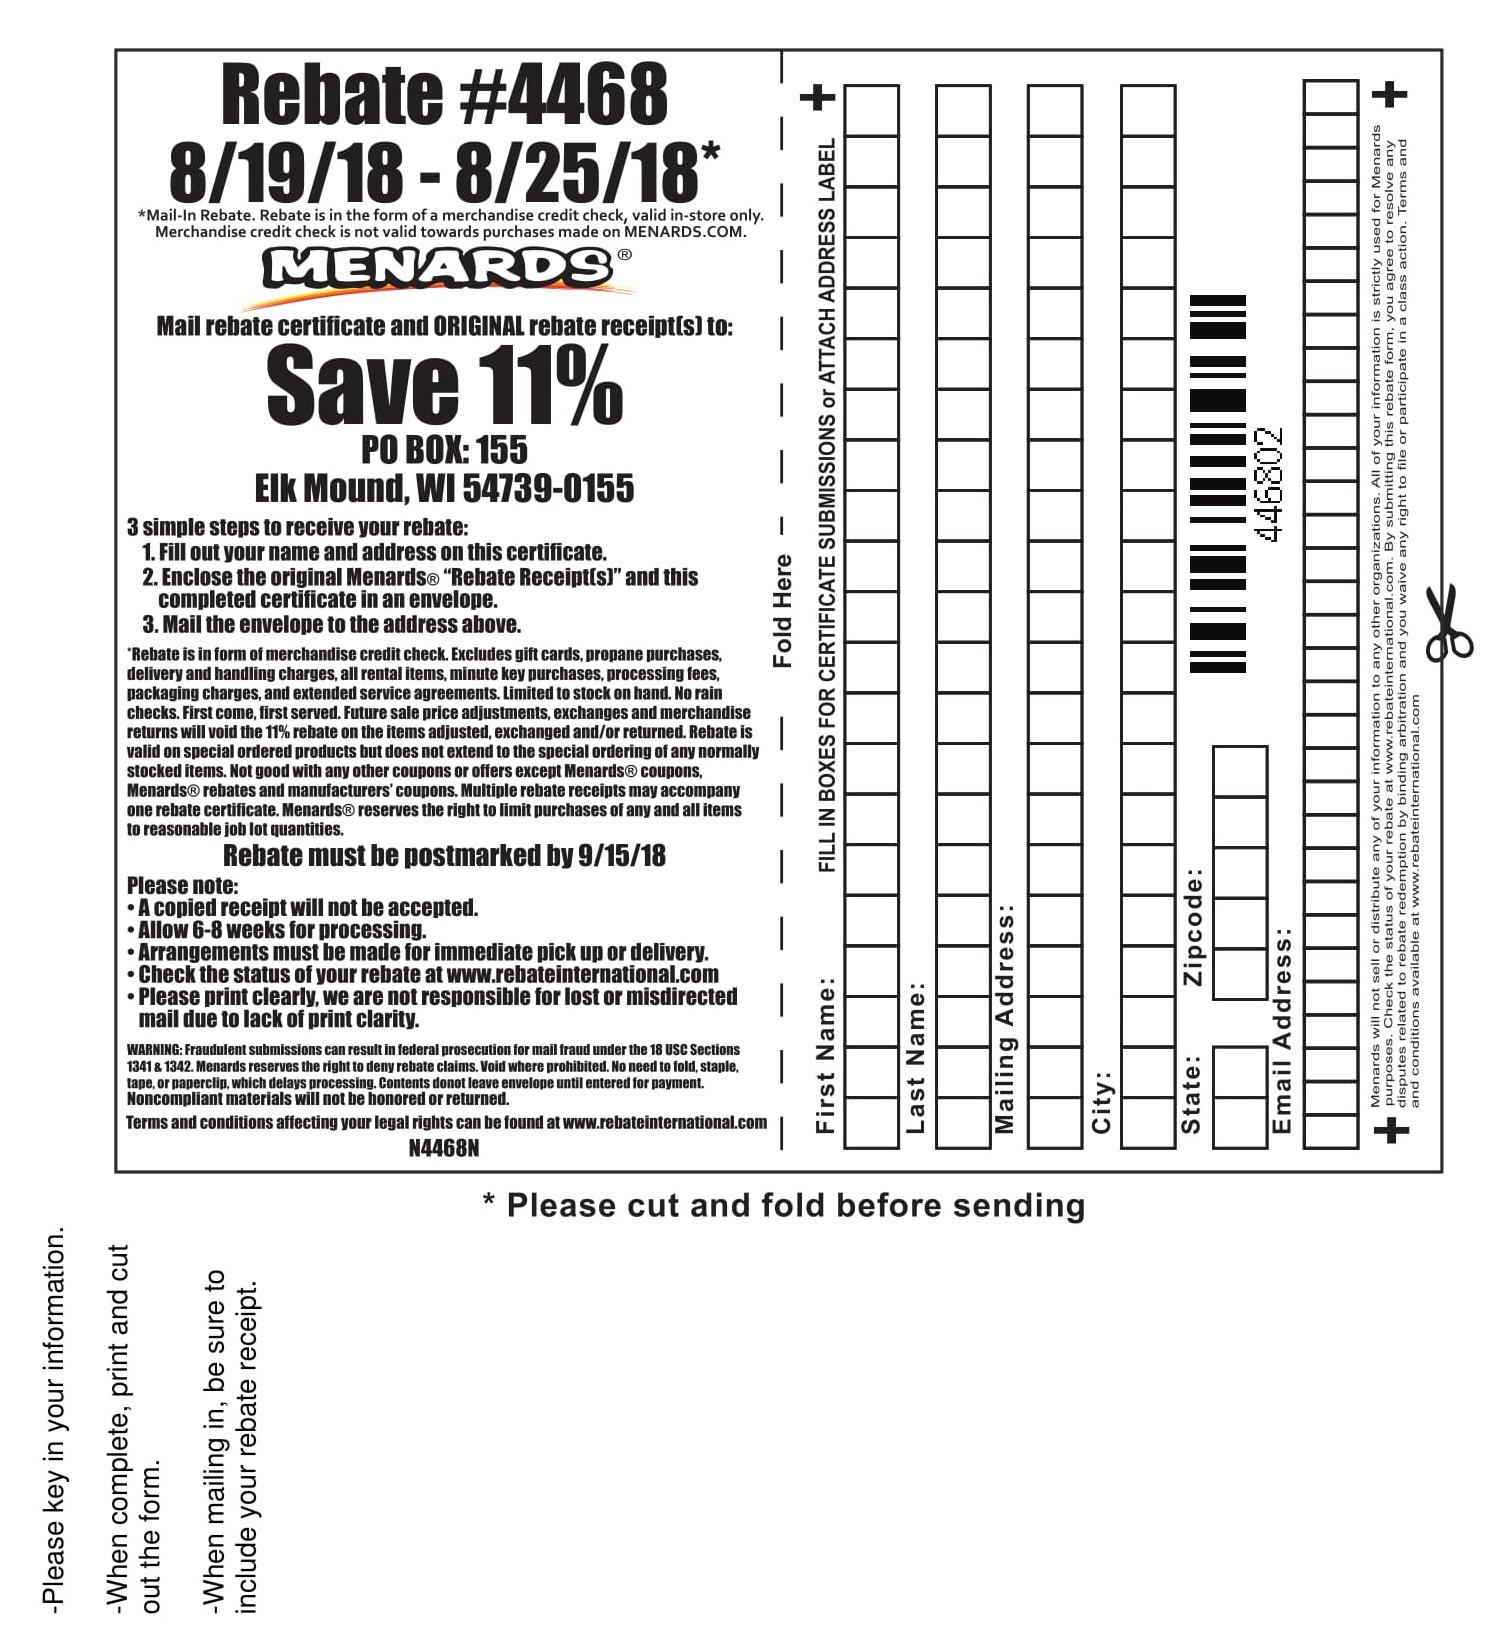 Menards Rebate Form 11